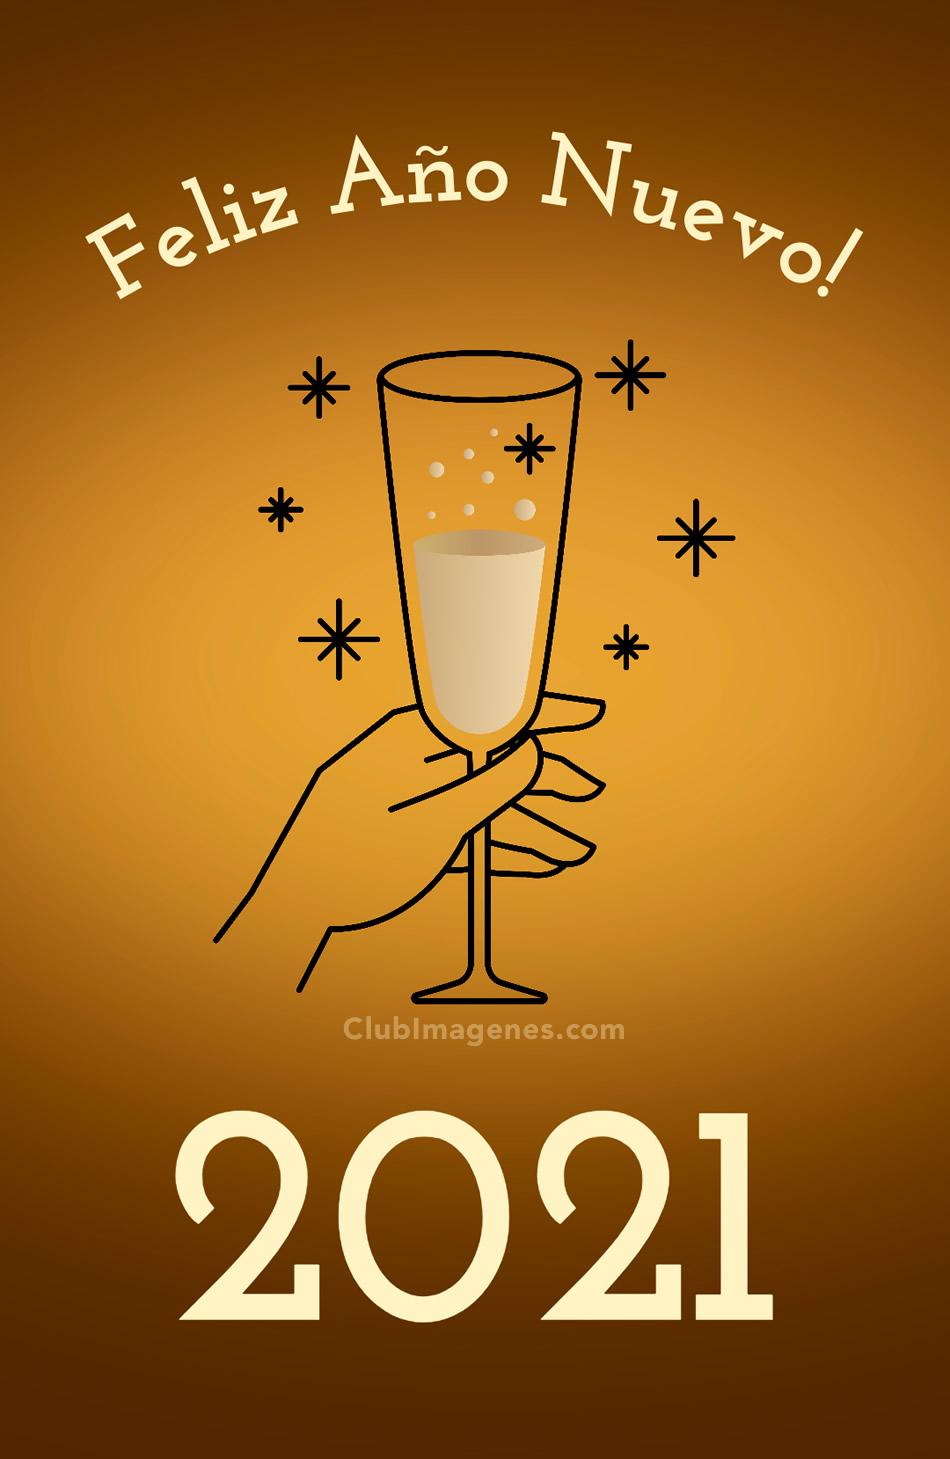 Feliz Año Nuevo! 2021